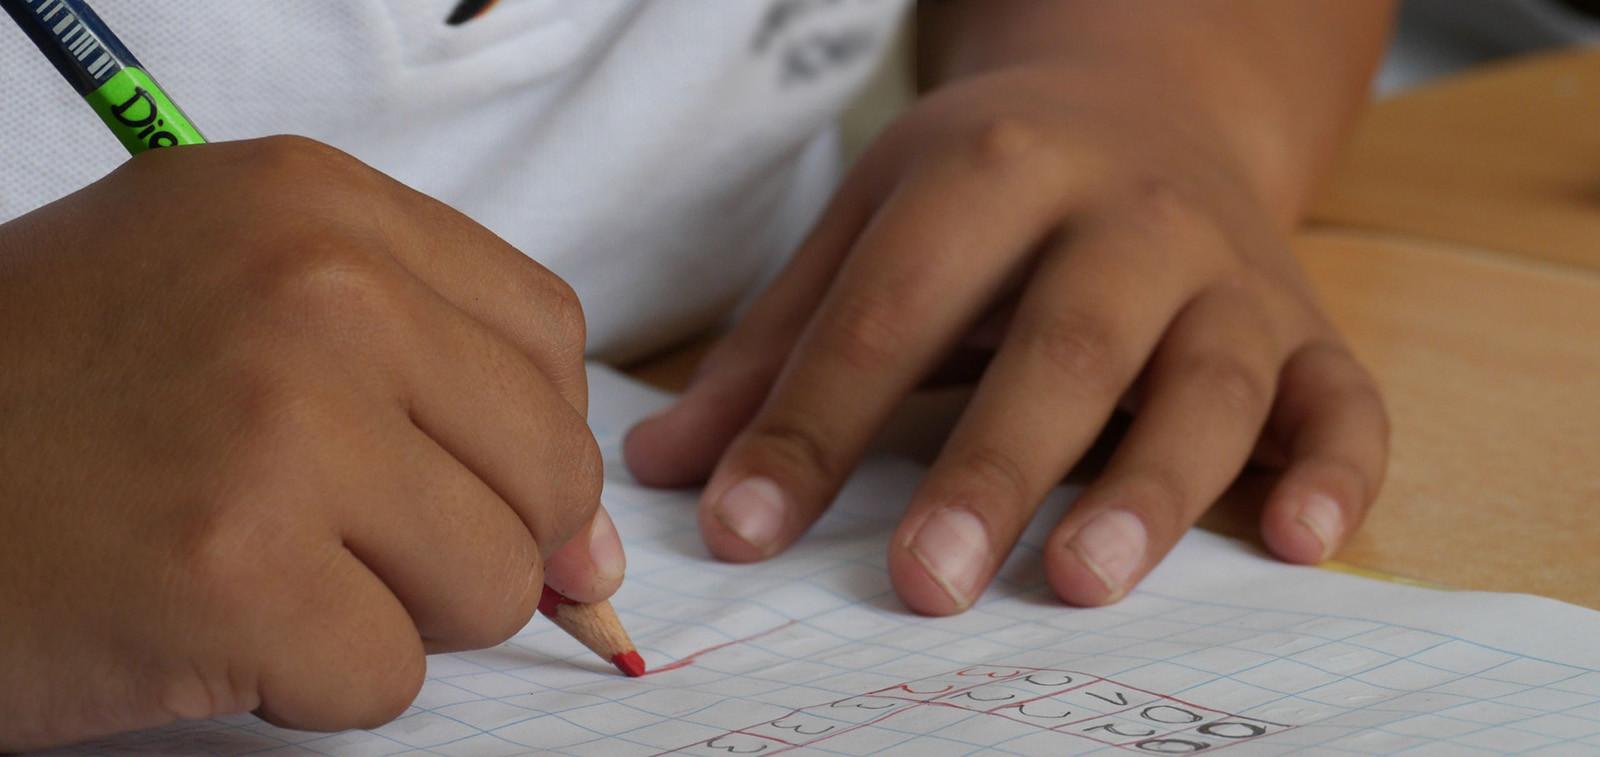 Lapsi tekee koulutehtävää